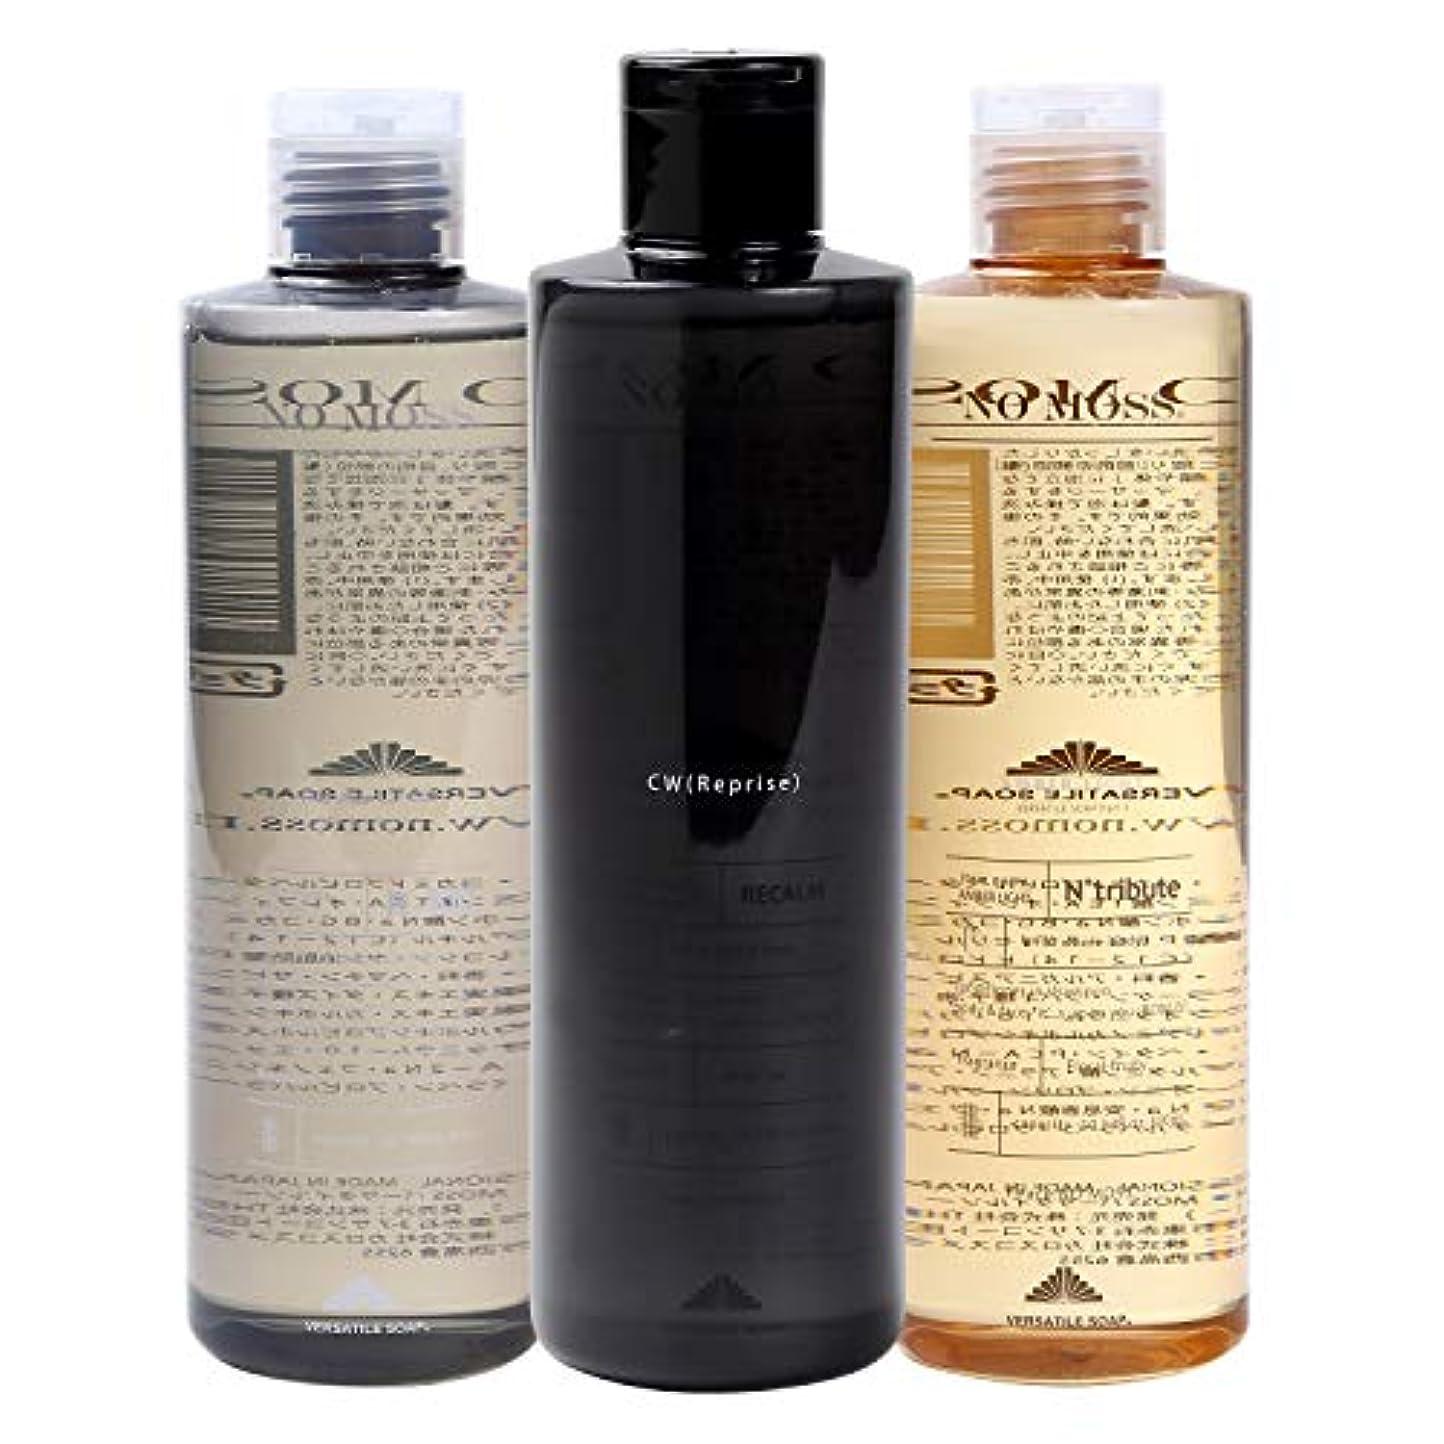 パターンこねるユーザーNO MOSS VERSATILE SOAP(ノーモス バーサタイル ソープ) 300ml FULLセット